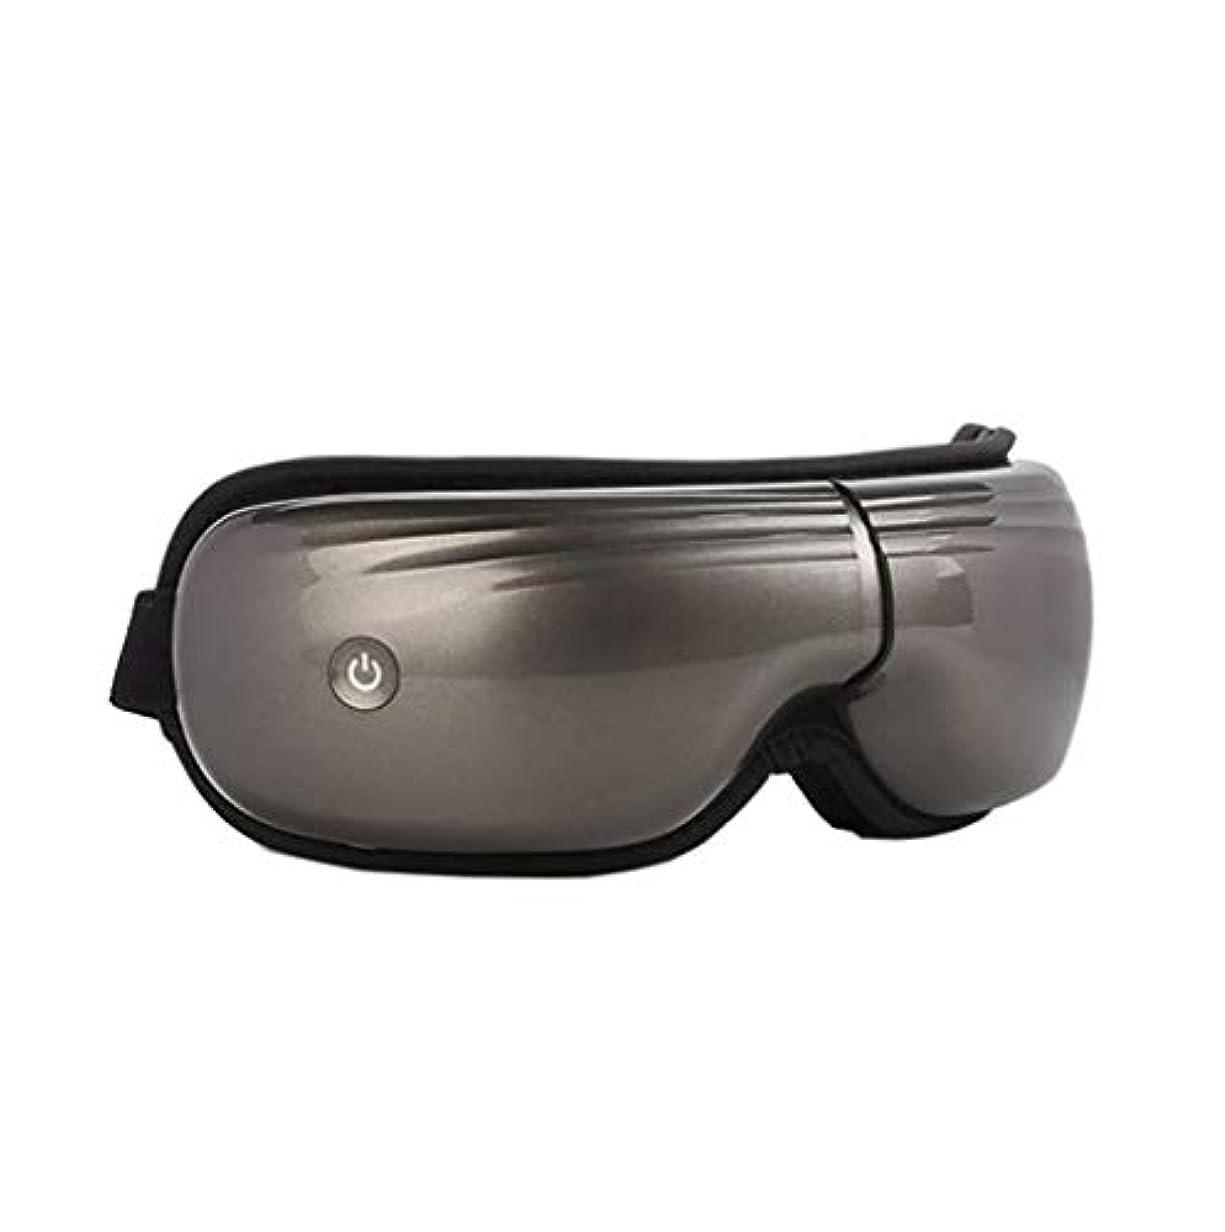 余計な食用フォームマッサージアイマスク、5つの調整可能なマッサージモードを備えた振動式ワイヤレスアイマッサージャー、なだめるような音楽、アイリラクシングアイバッグとダークサークル、目の疲れを和らげる (Color : Grey)